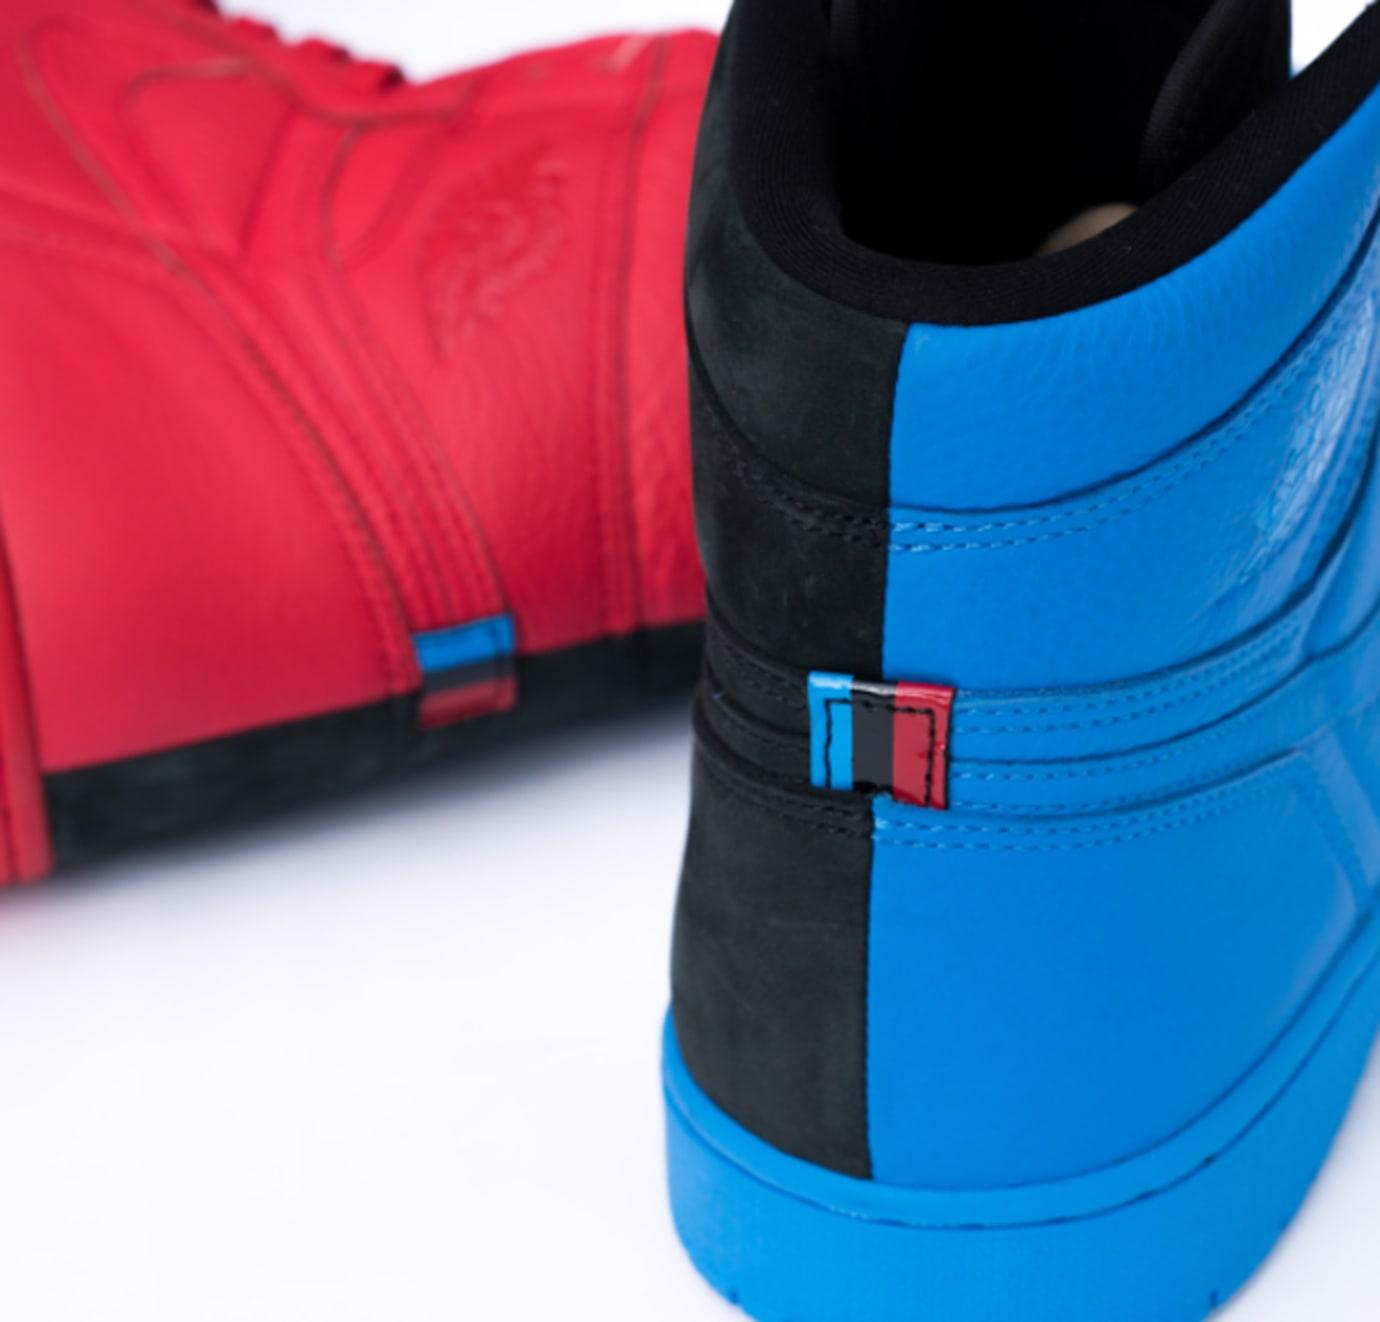 Quai 54 Air Jordan 1 Friends Family Heel